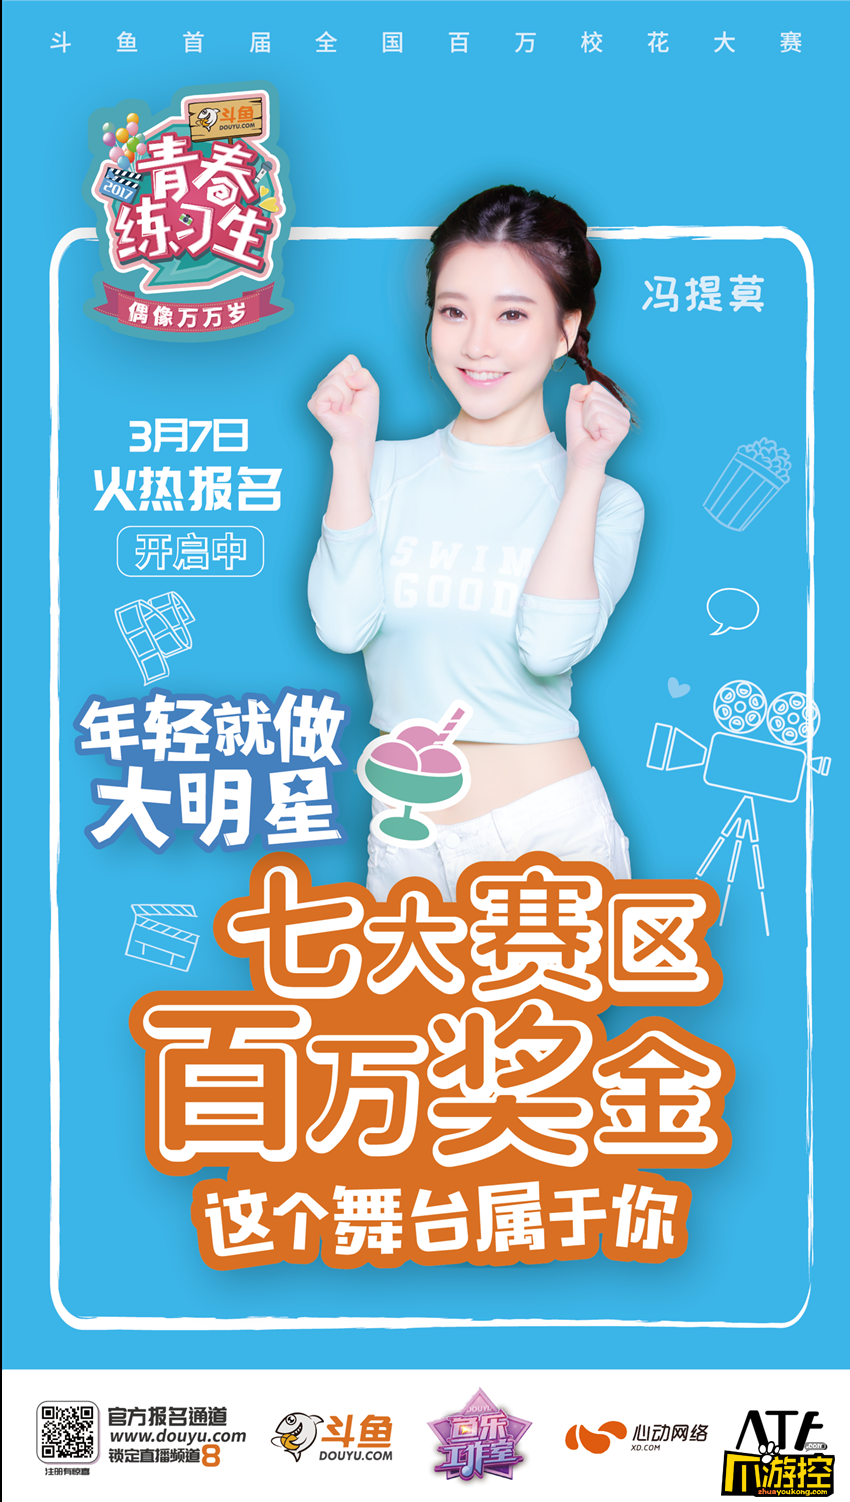 冯提莫甜蜜MV发布,斗鱼主播转型偶像歌手